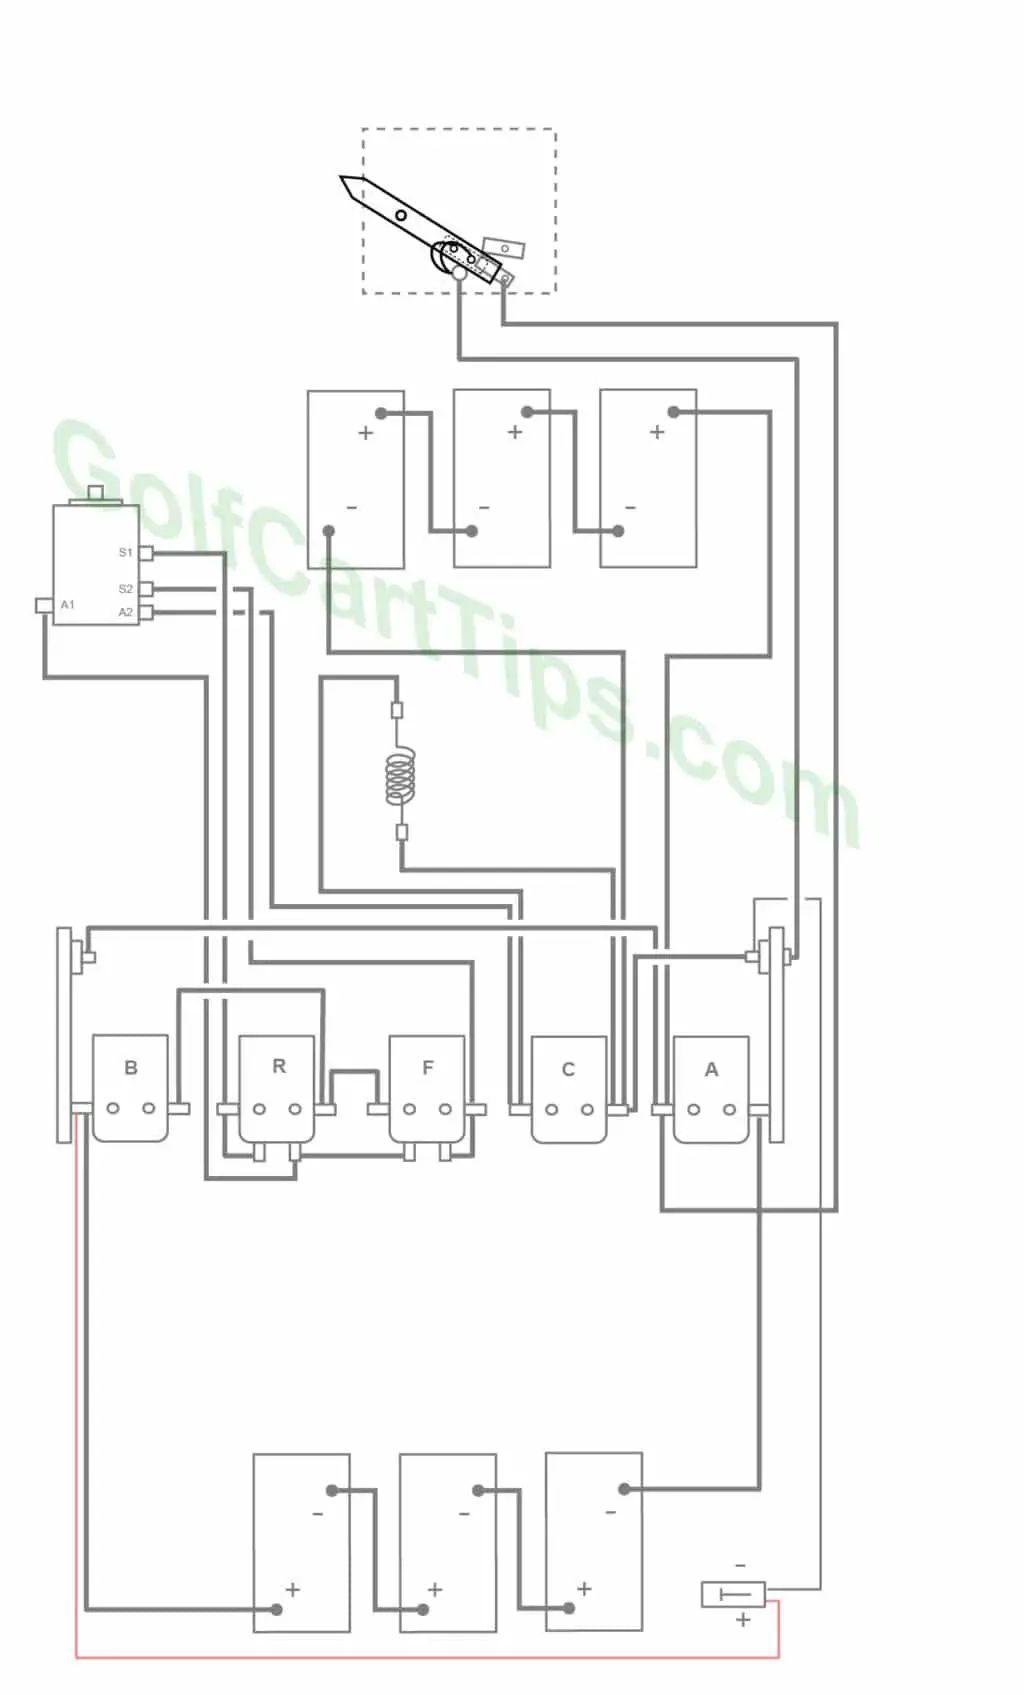 82 club car wiring diagram